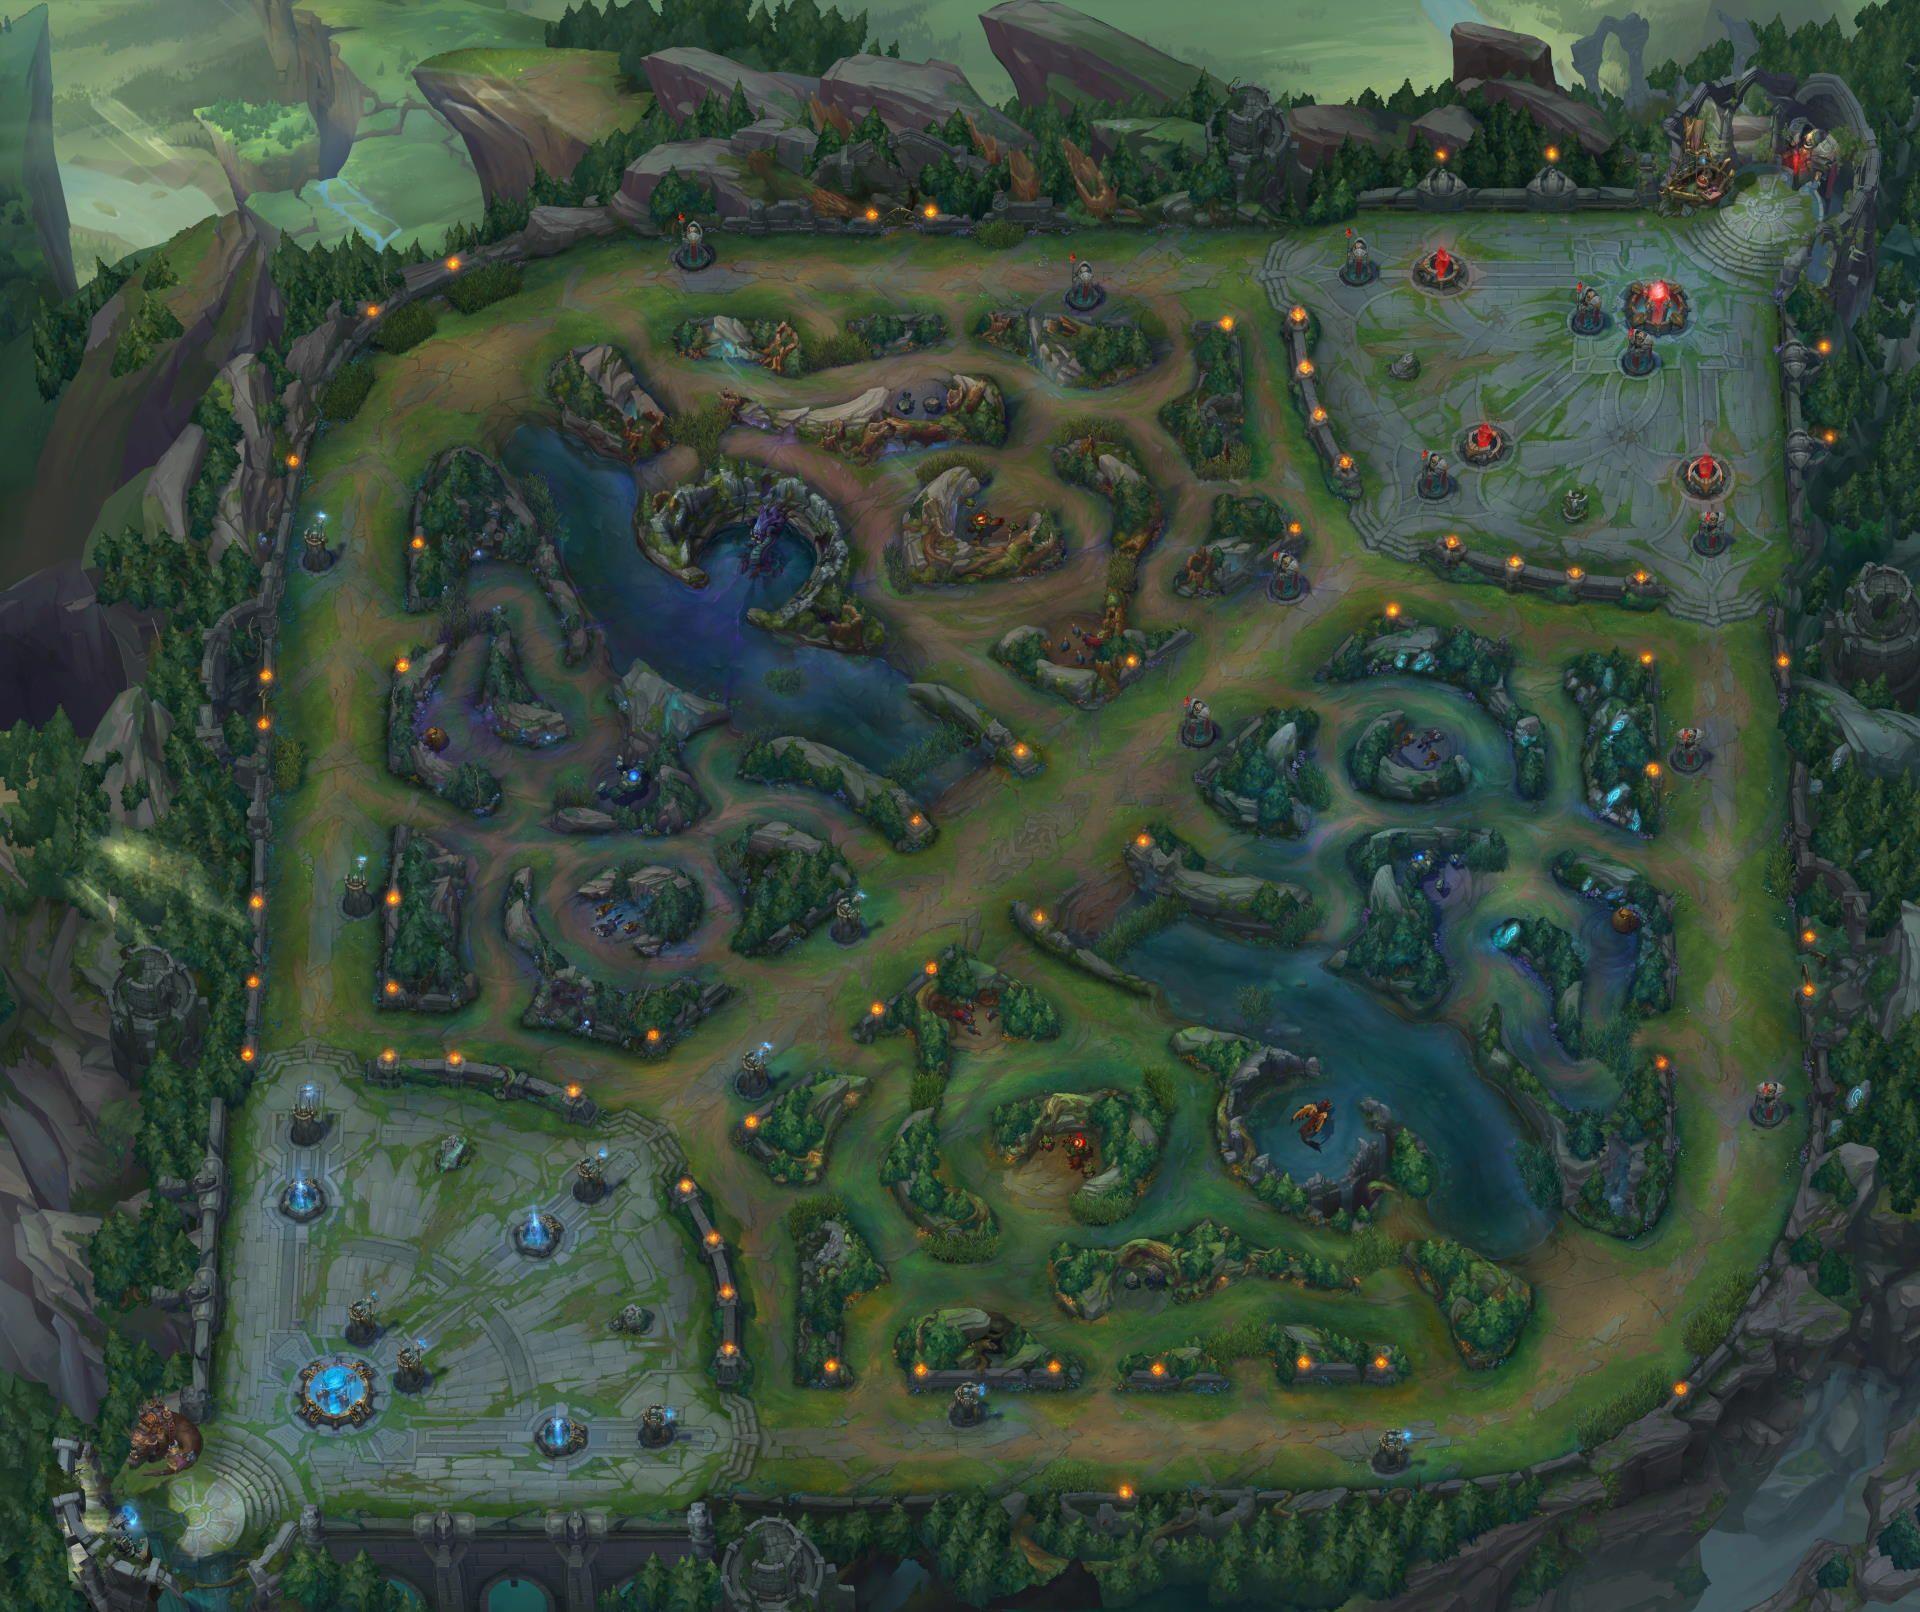 Kluft der Beschwörer in League of Legends (Vogelperspektive)